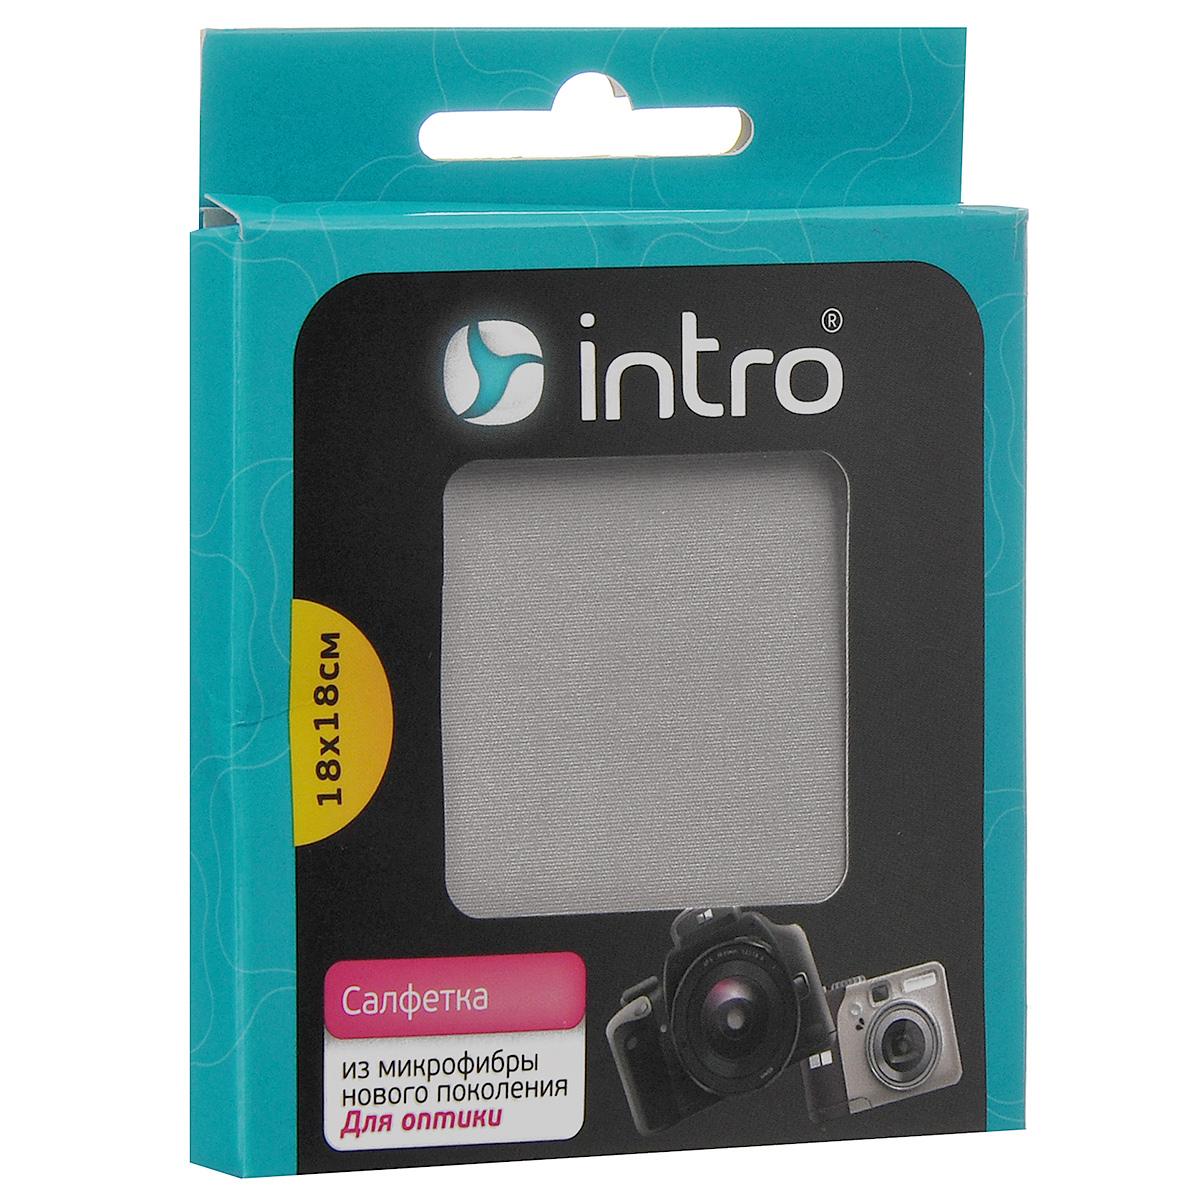 Салфетка для оптики Intro, 18 х 18 смV200250Салфетка Intro незаменима для деликатного ухода за оптикой, которая требует особого ухода. Подходит для экранов и объективов фотоаппаратов, мобильных телефонов, ноутбуков, биноклей, точной оптики, линз и стекол очков, зеркальных и других небольших поверхностей. Она состоит из тончайших волокон, которые в десять раз тоньше волокон натурального шелка, в тридцать - хлопка, в сорок - натуральной шерсти и в 100 раз тоньше человеческого волоса! А в связи с высокими очищающими свойствами салфетки ее использование позволяет сократить расход чистящих средств на 30-50 %.